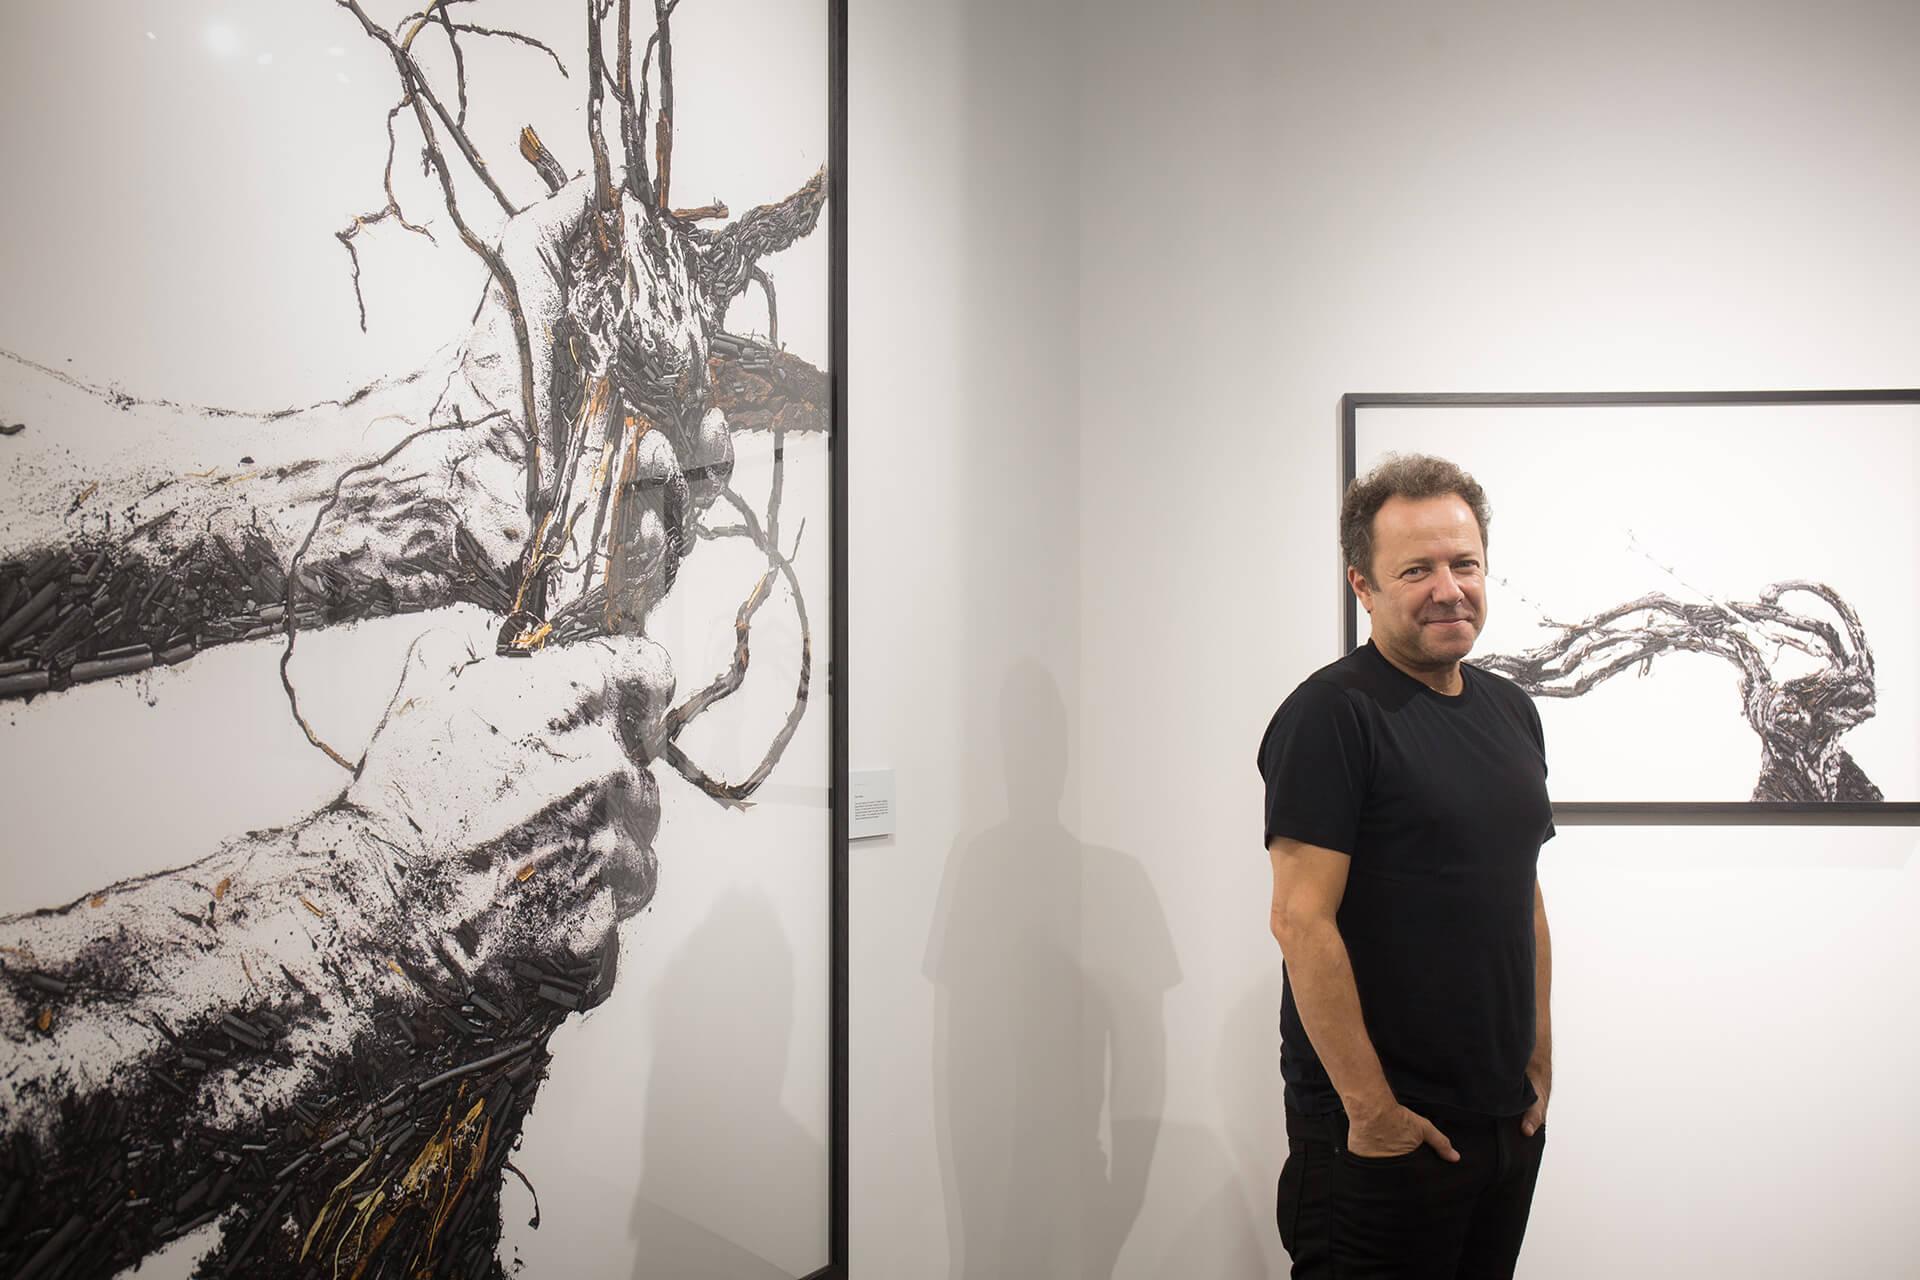 巴西藝術家Vik Muniz喜歡觀察大自然,今年帶同他的作品到Art Basel參展。